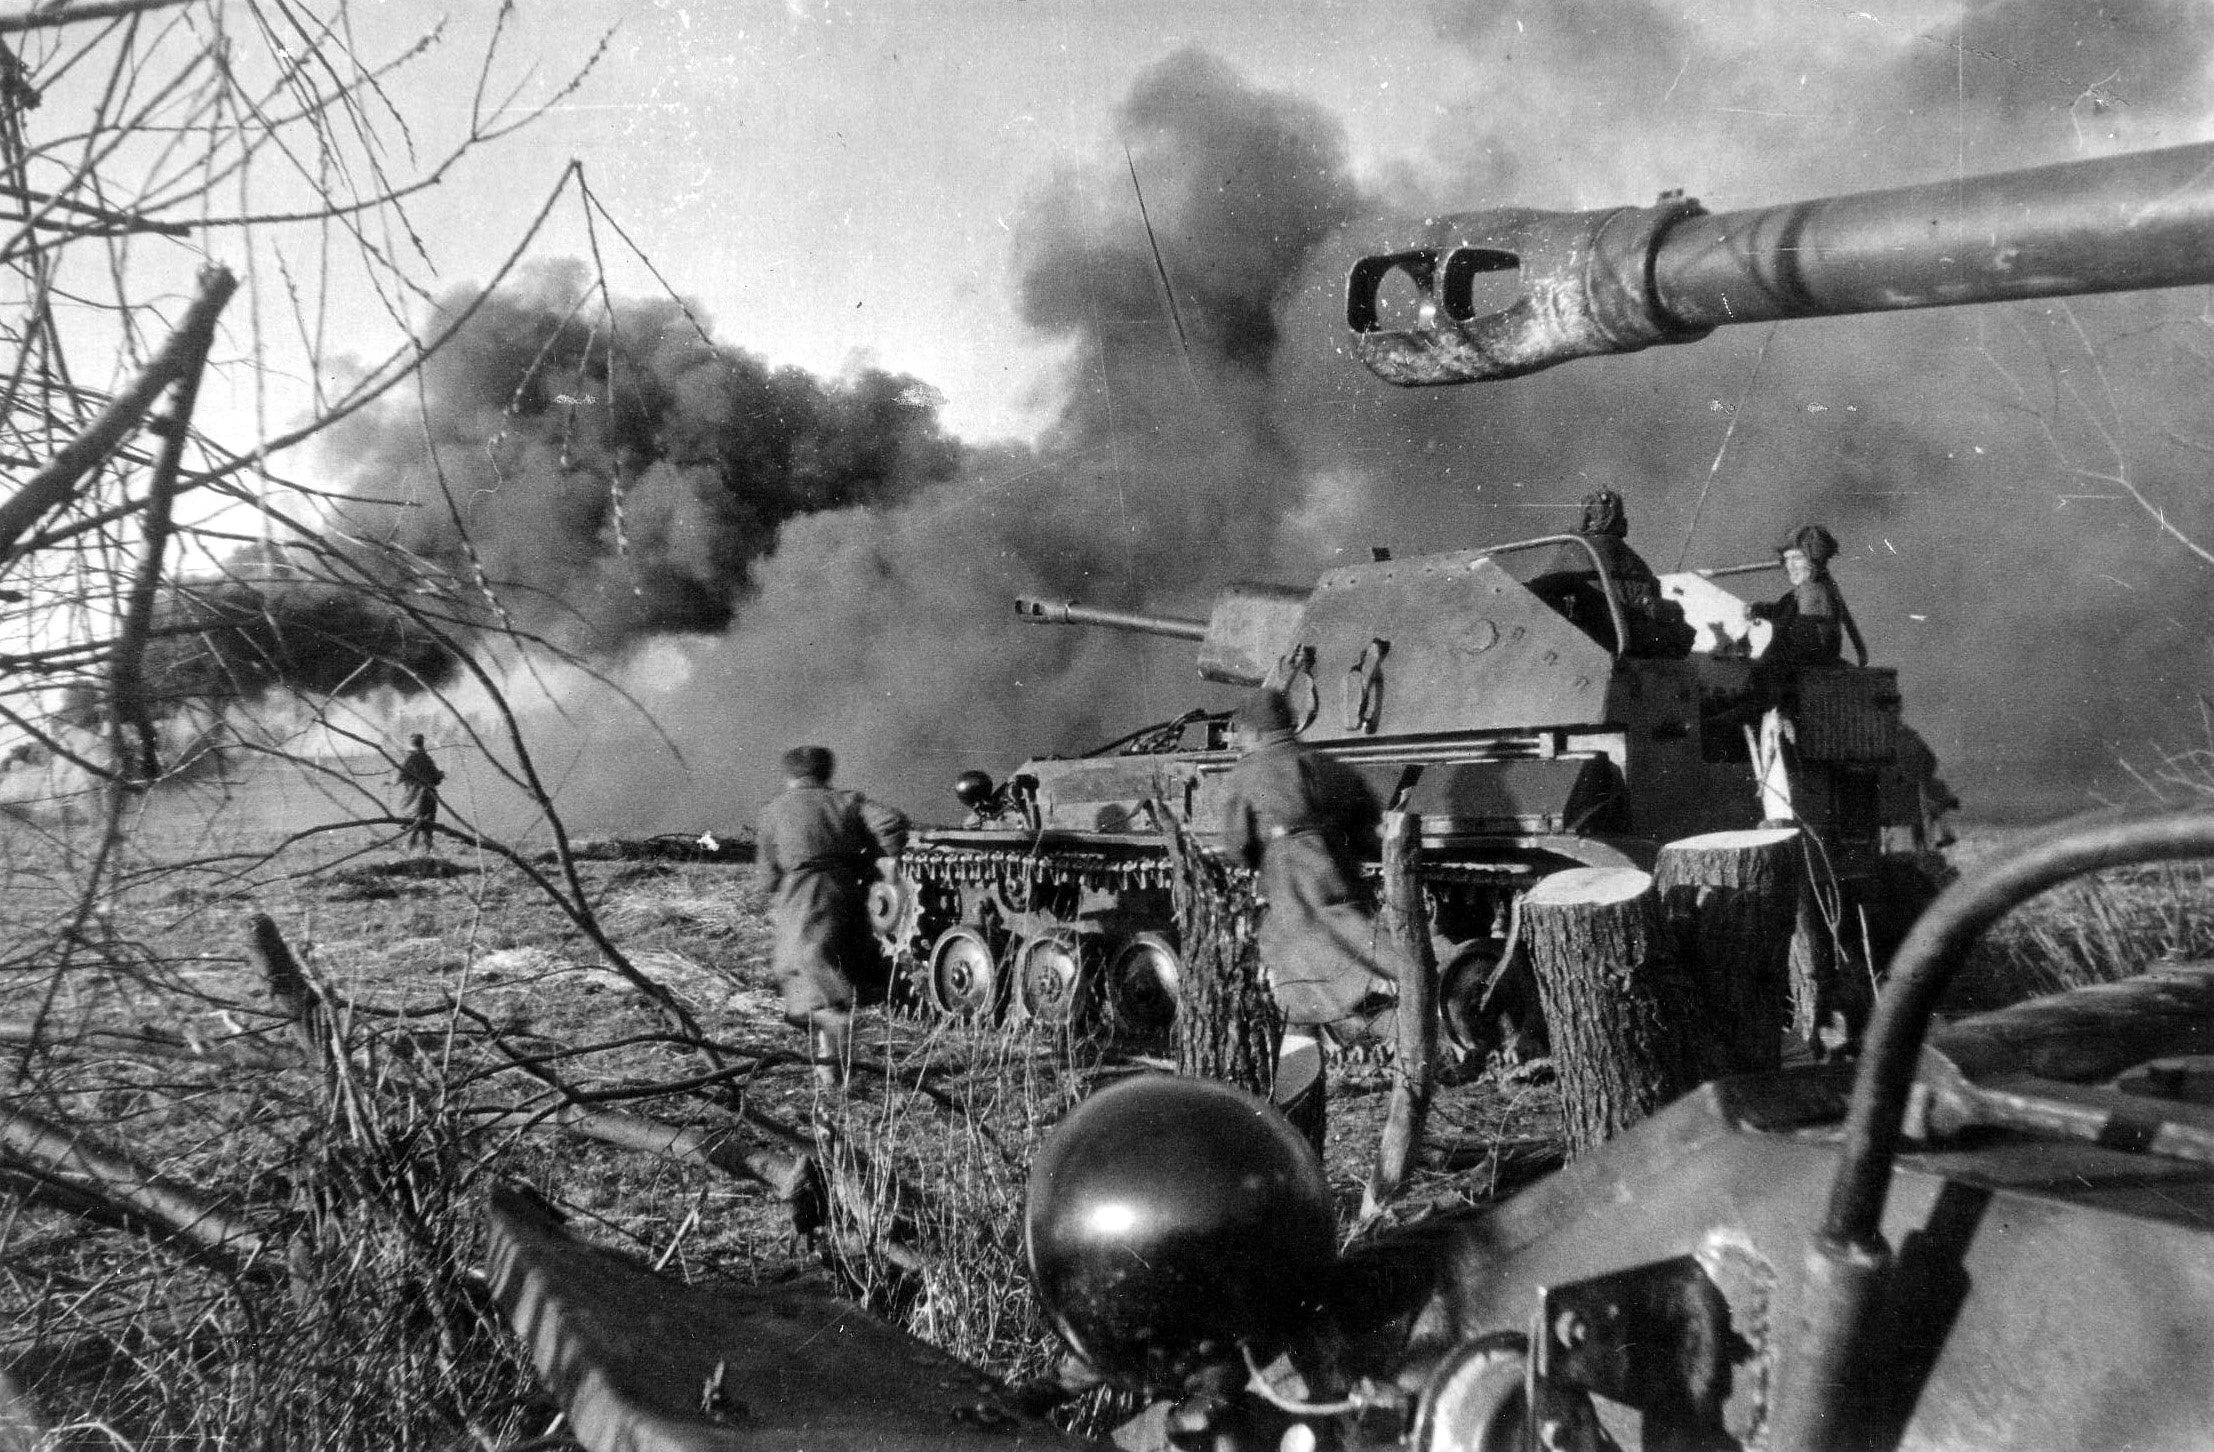 Великая отечественная война 1941-1945 картинки сражений, сварщик